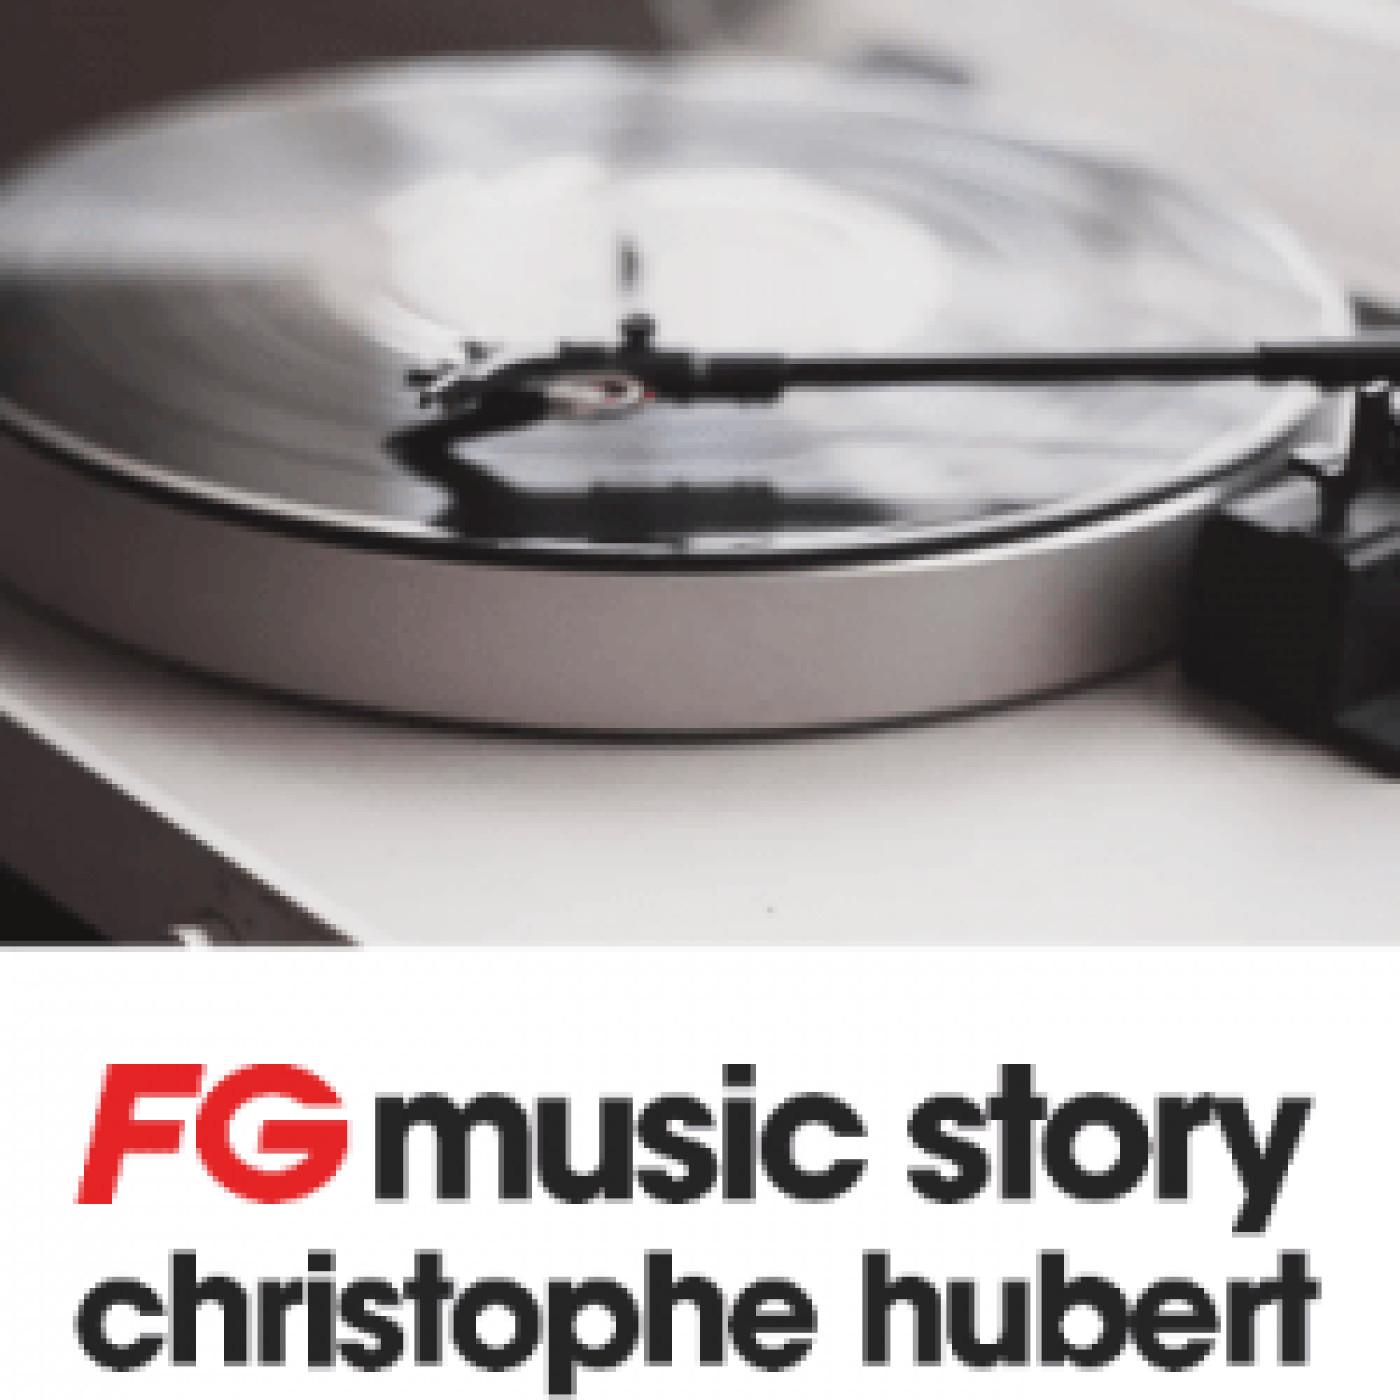 FG MUSIC STORY : BREAKBOT